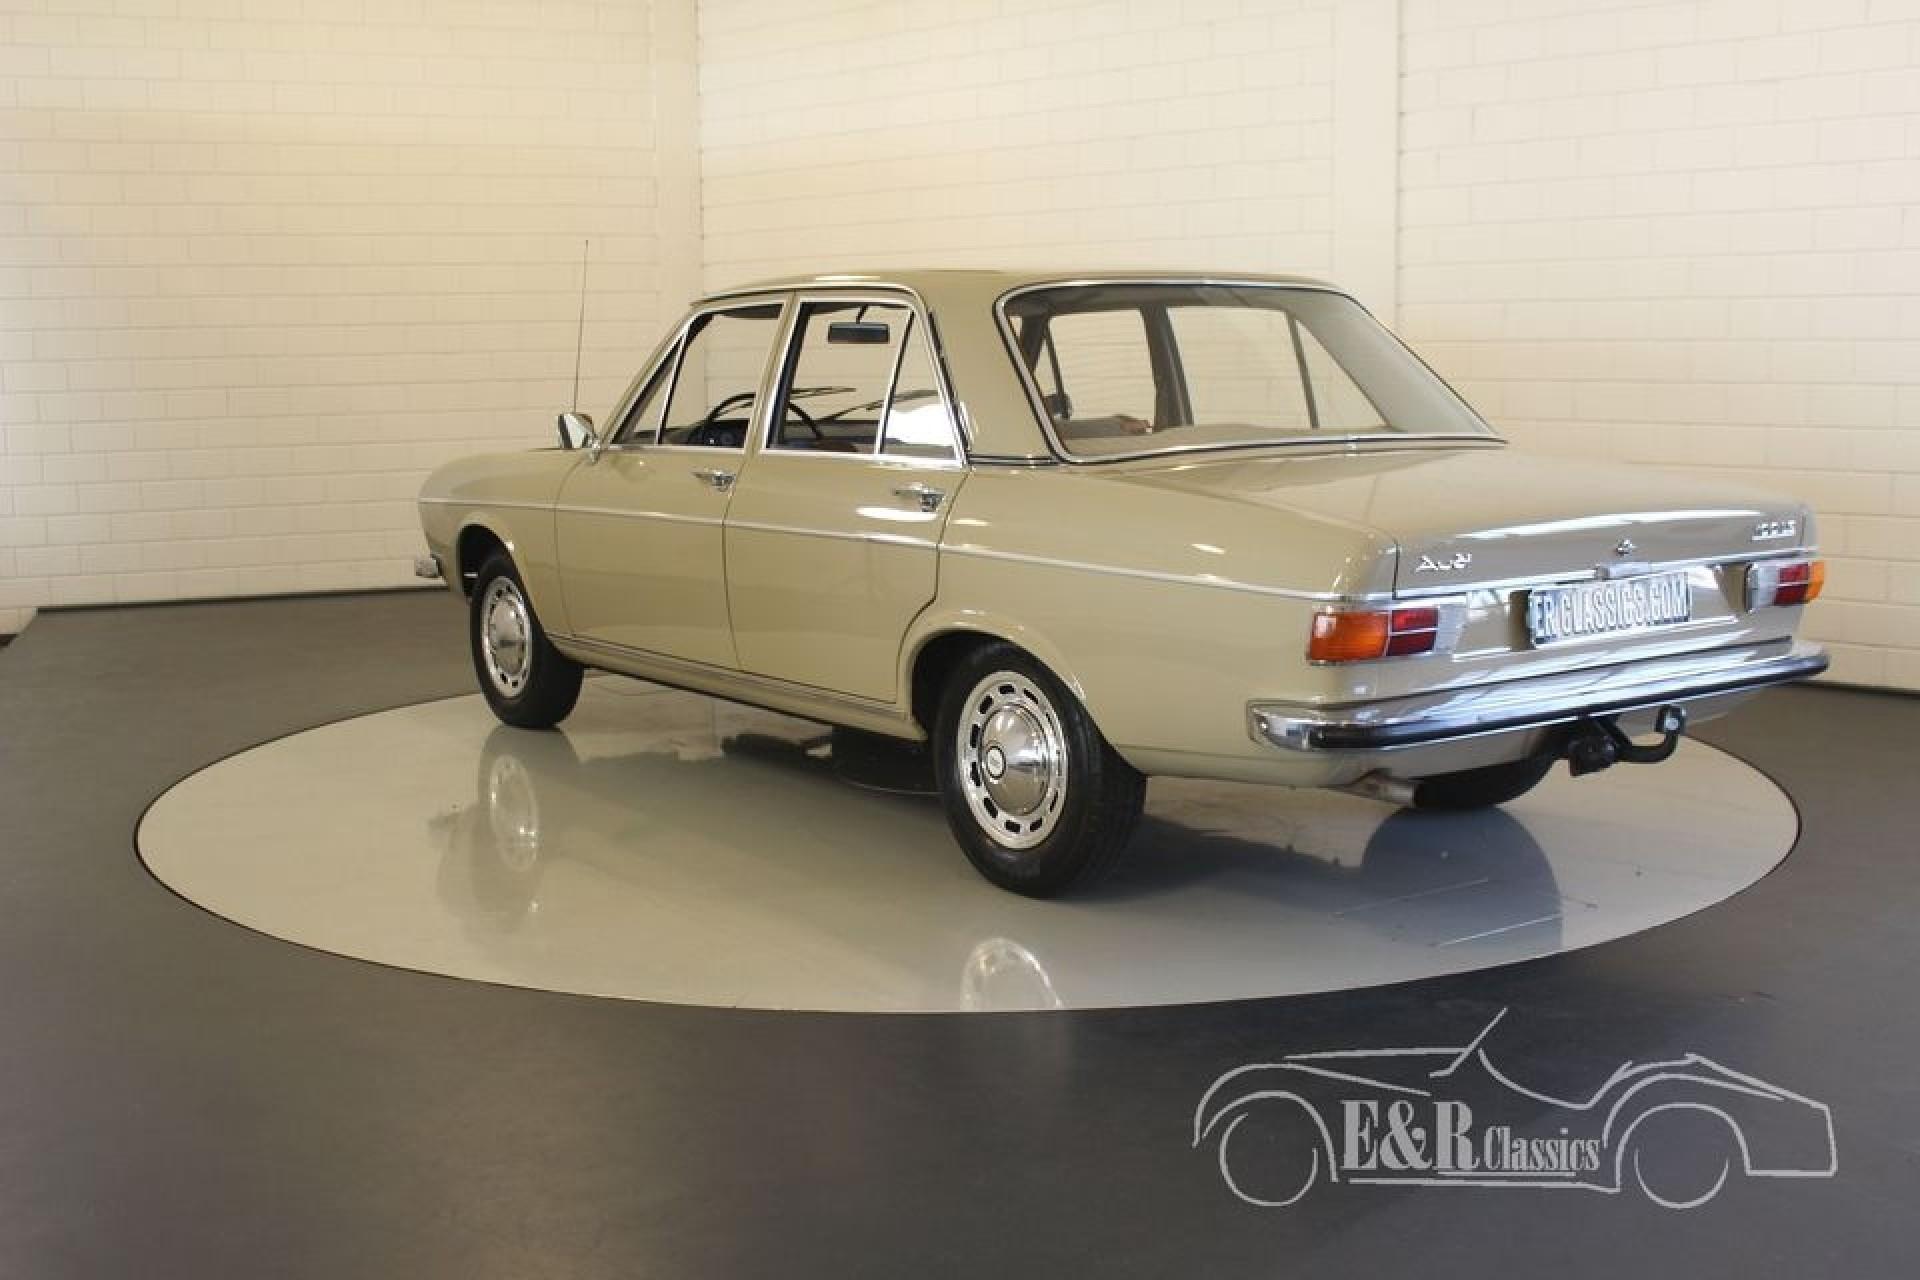 Audi 100 LS 1973 erclassics com audi-100ls-1973-a3396-026